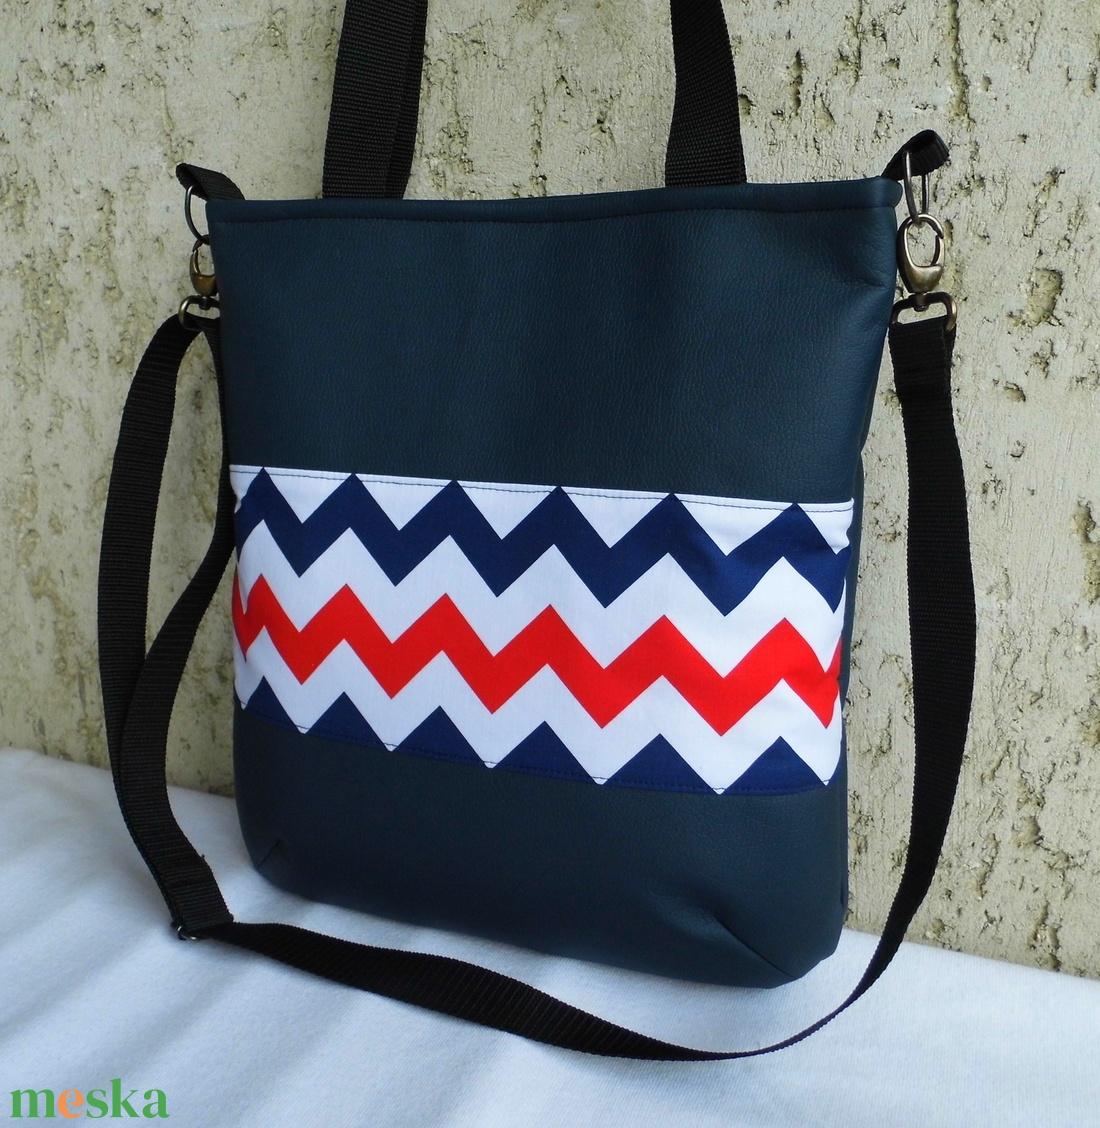 Cikk-cakkos táska matróz színekben (smagdi) - Meska.hu efa5b6c6e8